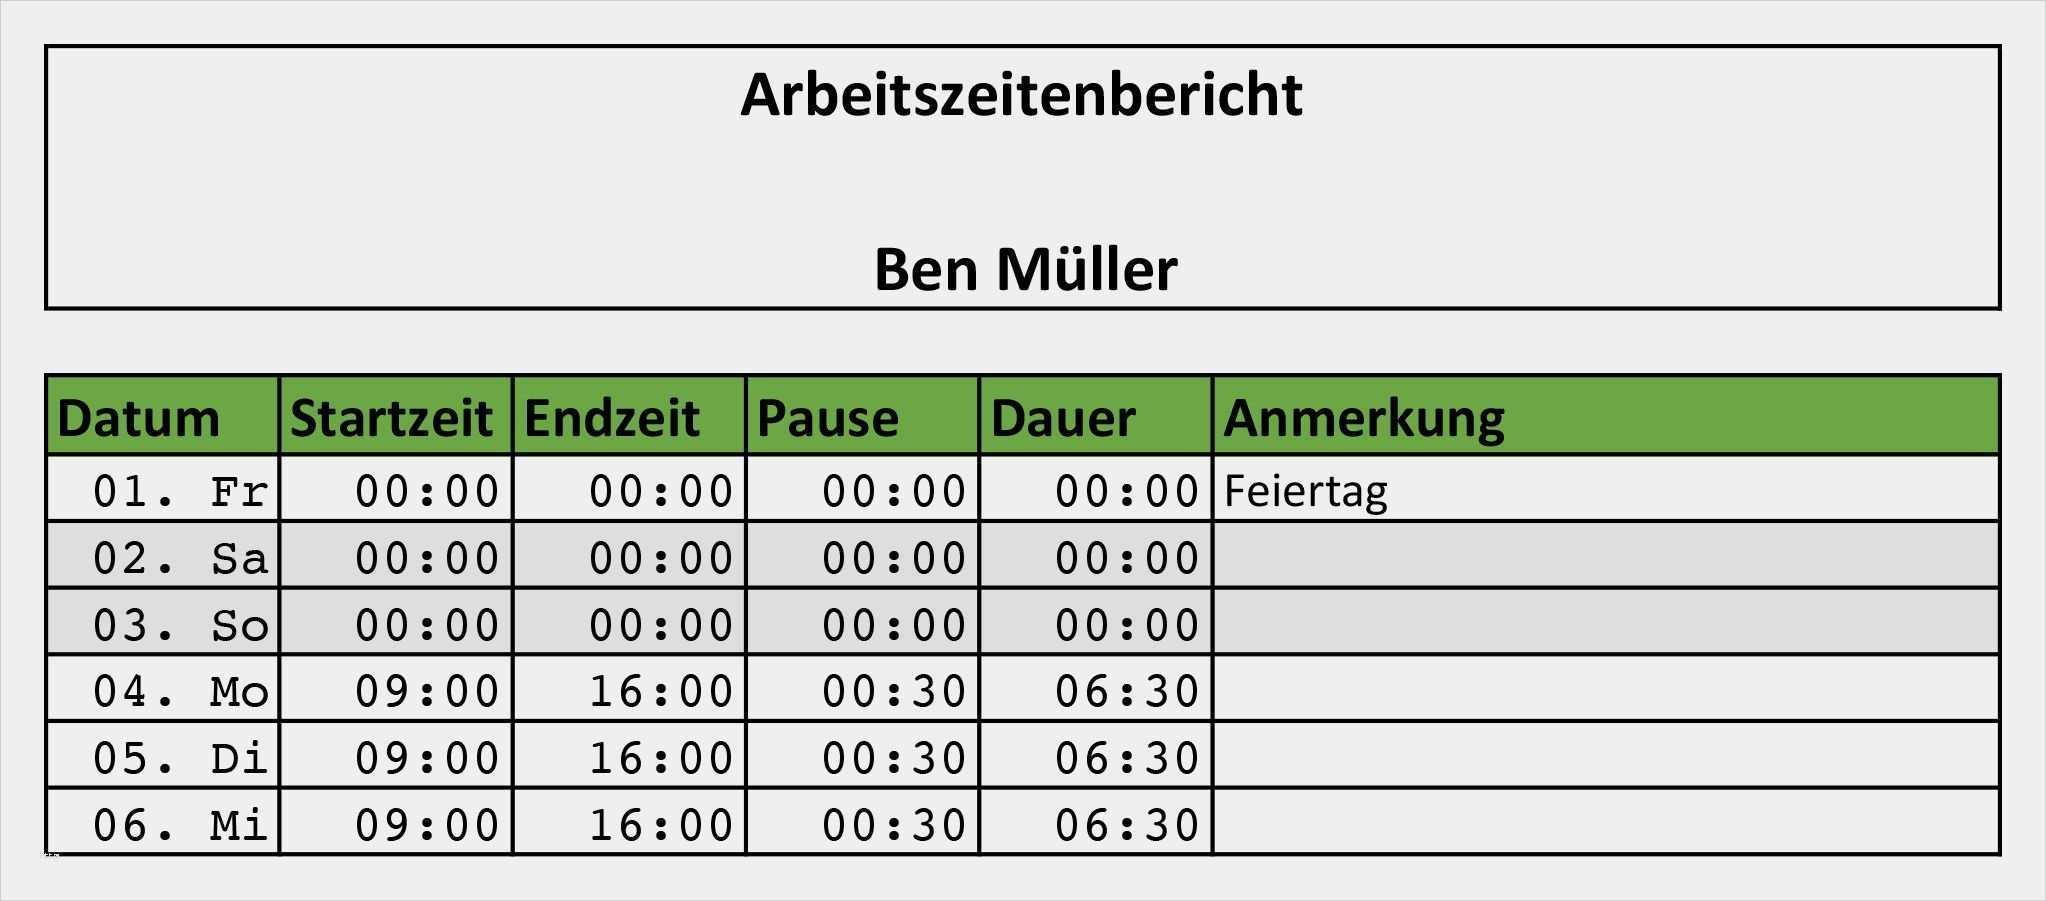 39 Erstaunlich Excel Arbeitszeit Vorlage Galerie In 2020 Excel Vorlage Zeiterfassung Vorlagen